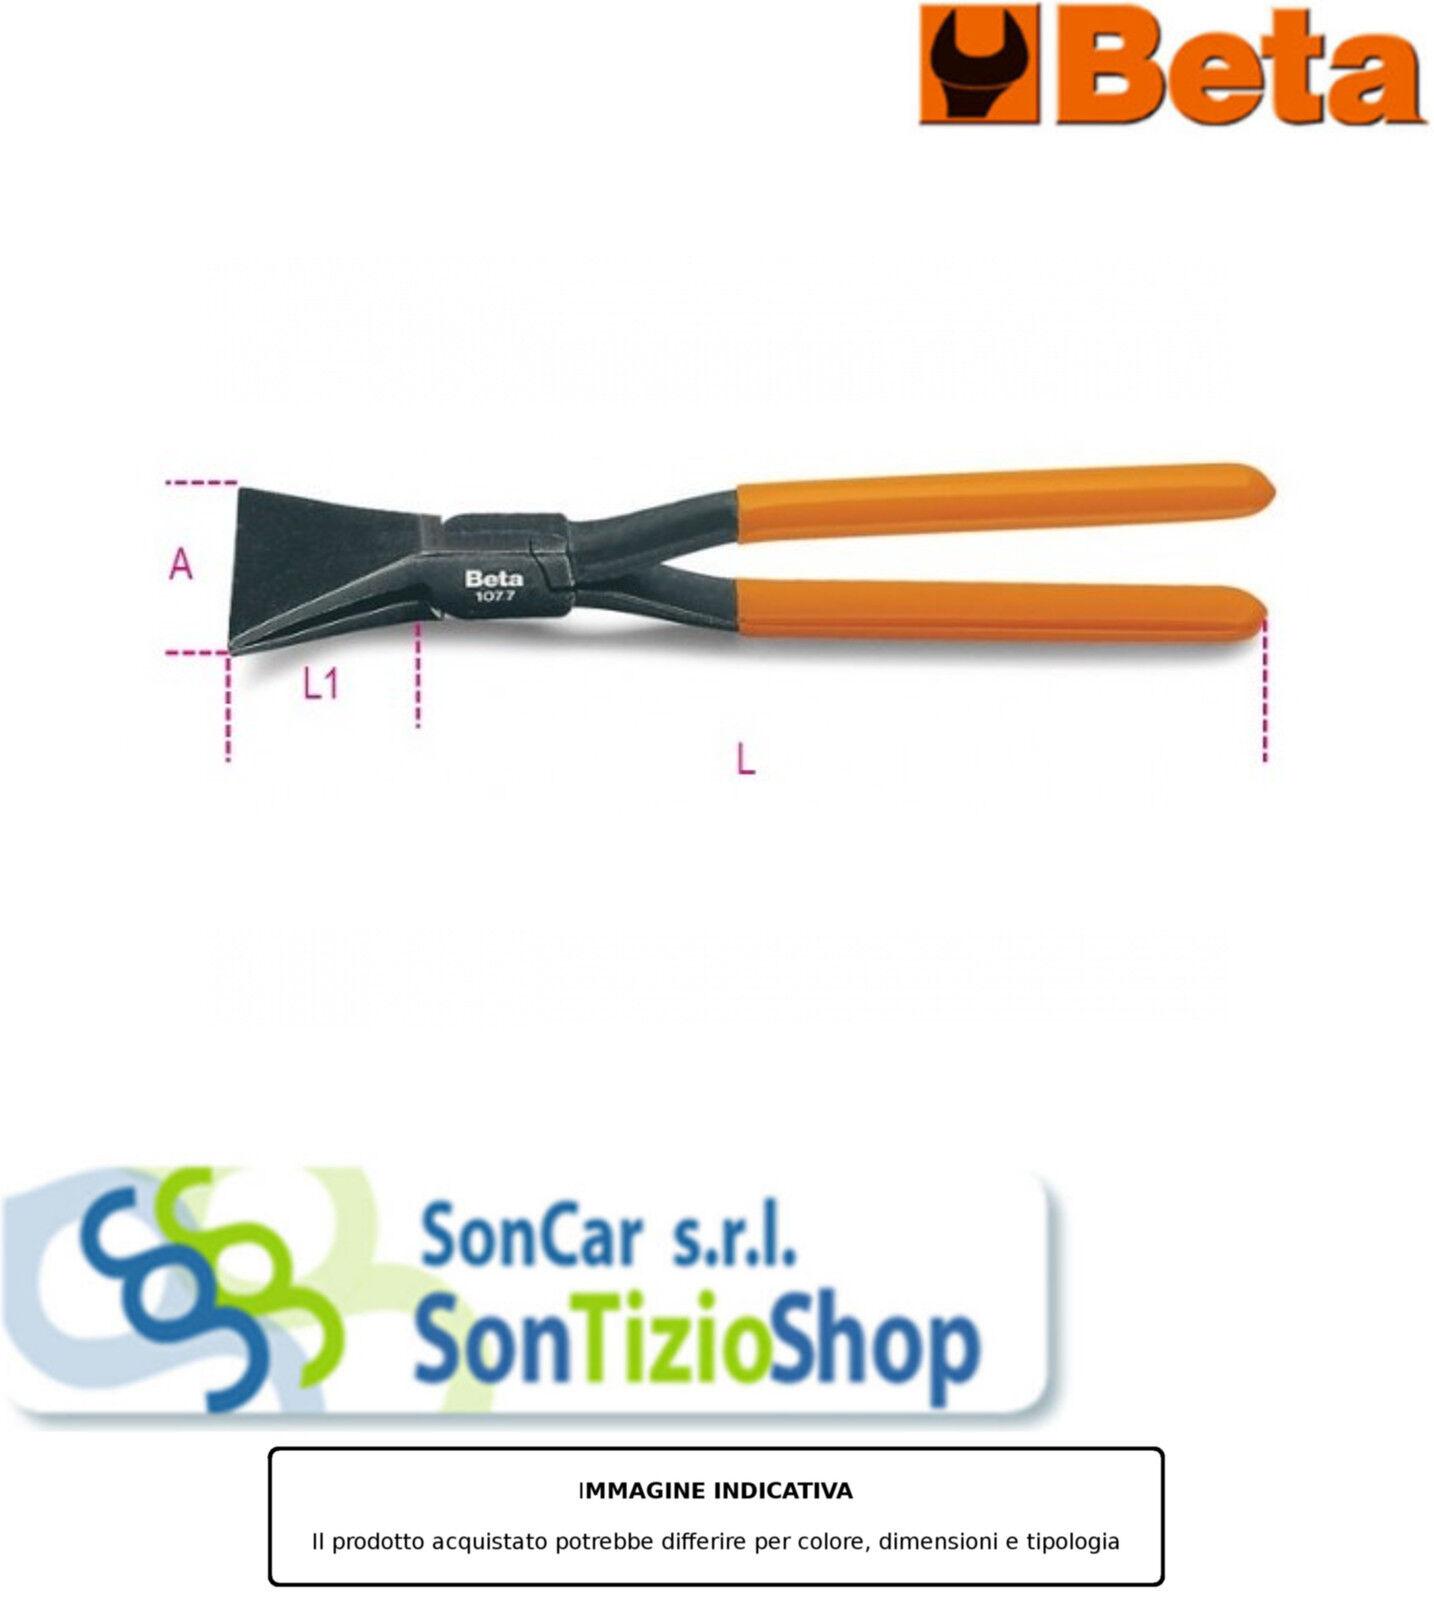 BETA 1077 280 Artikel Original  Zangen Zangen Zangen für Klempner gerade 280 | New Products  | Zu einem niedrigeren Preis  | Innovation  | Leicht zu reinigende Oberfläche  fe4ae3